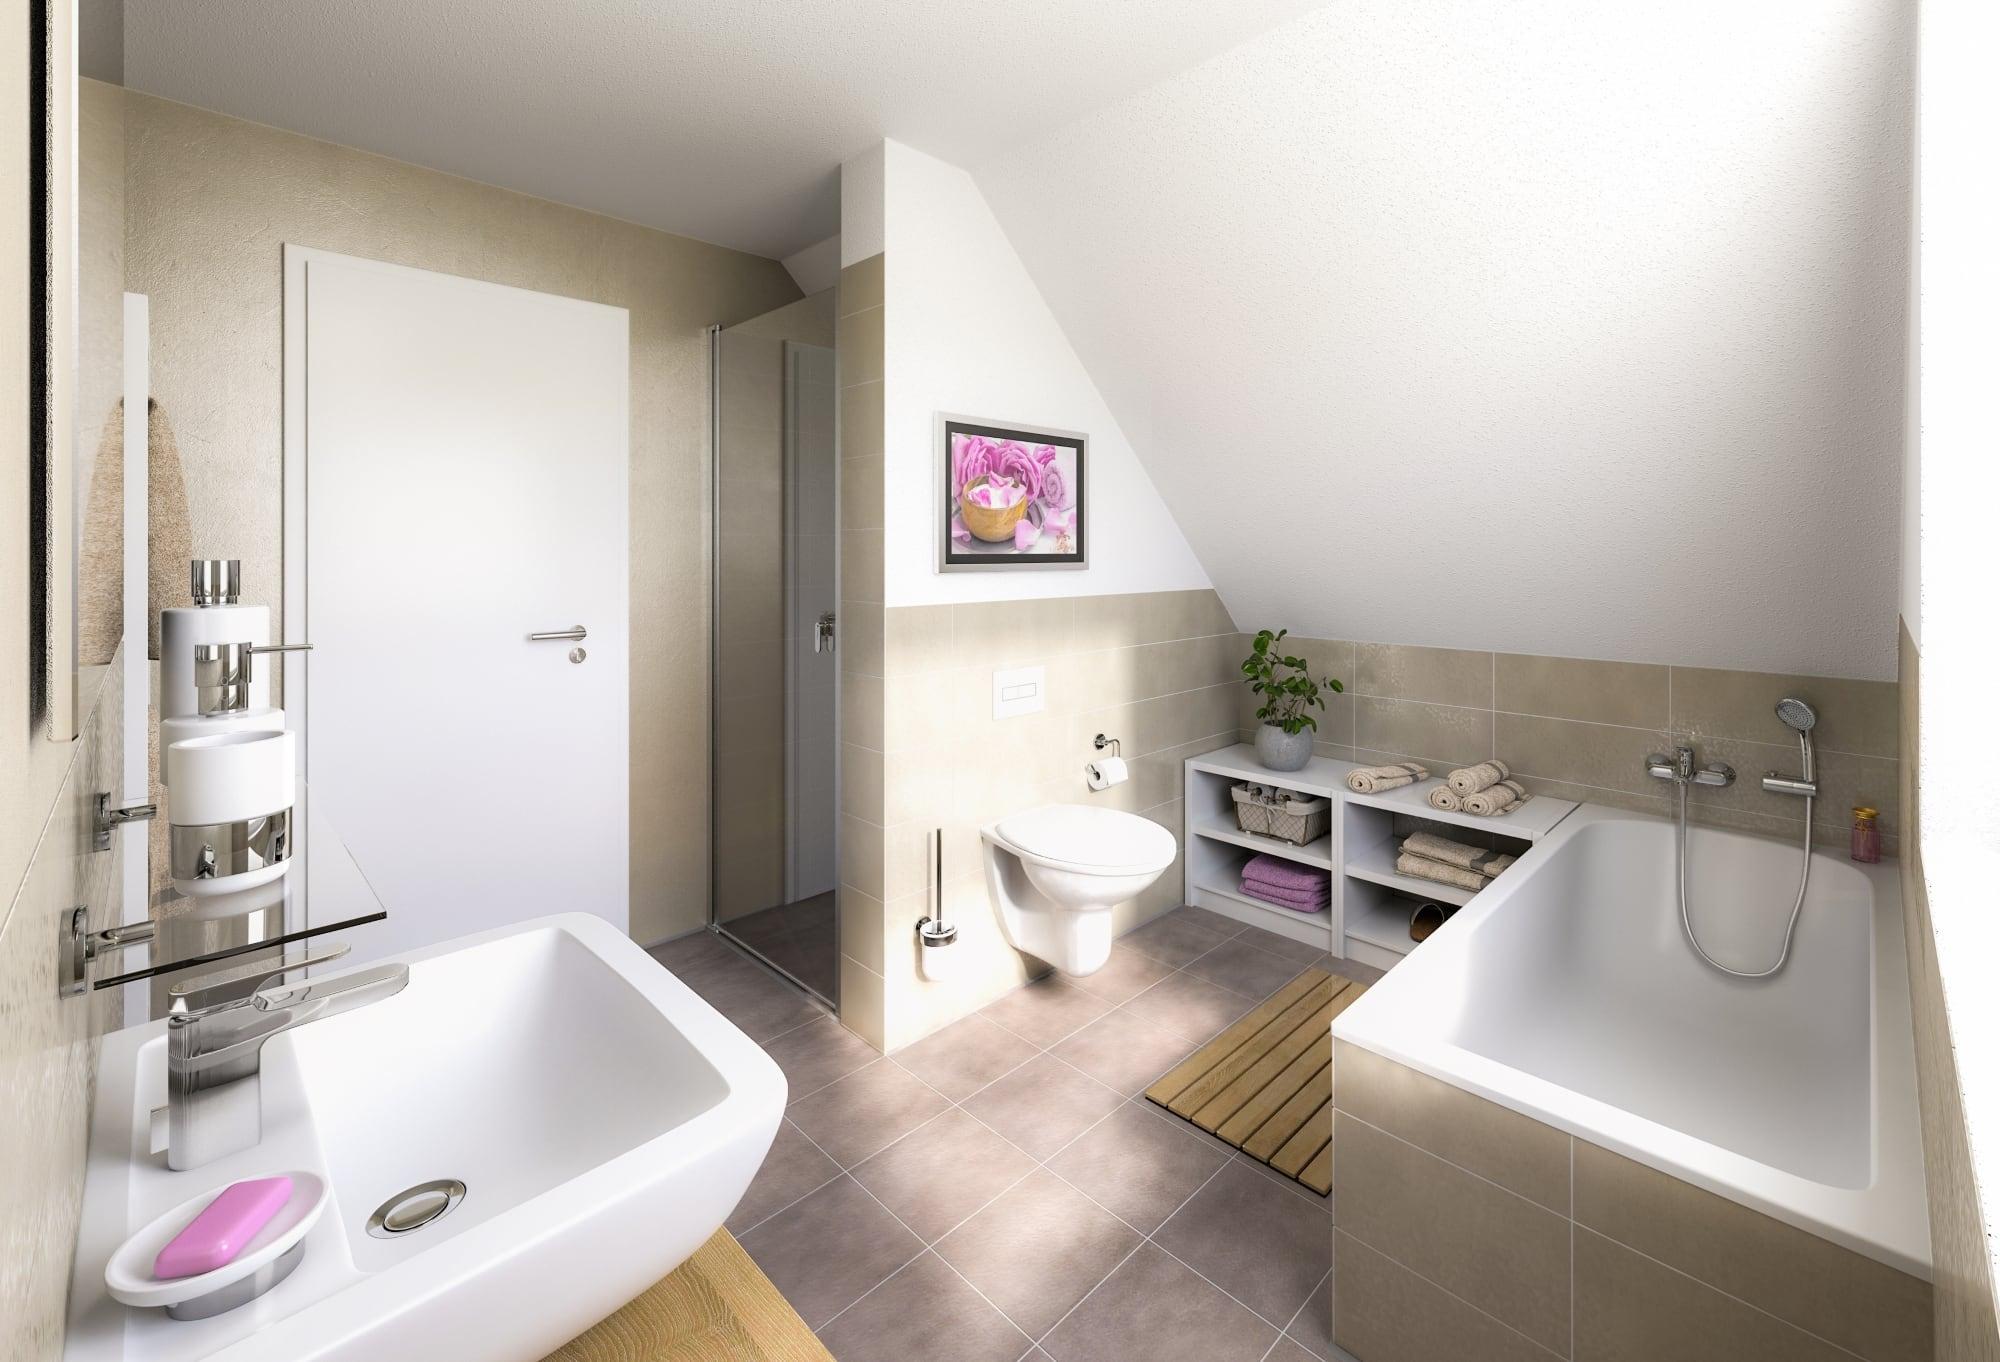 Badezimmer mit Dachschräge - Einfamilienhaus Inneneinrichtung Ideen Massivhaus Raumwunder 100 Süd von Town & Country Haus - HausbauDirekt.de